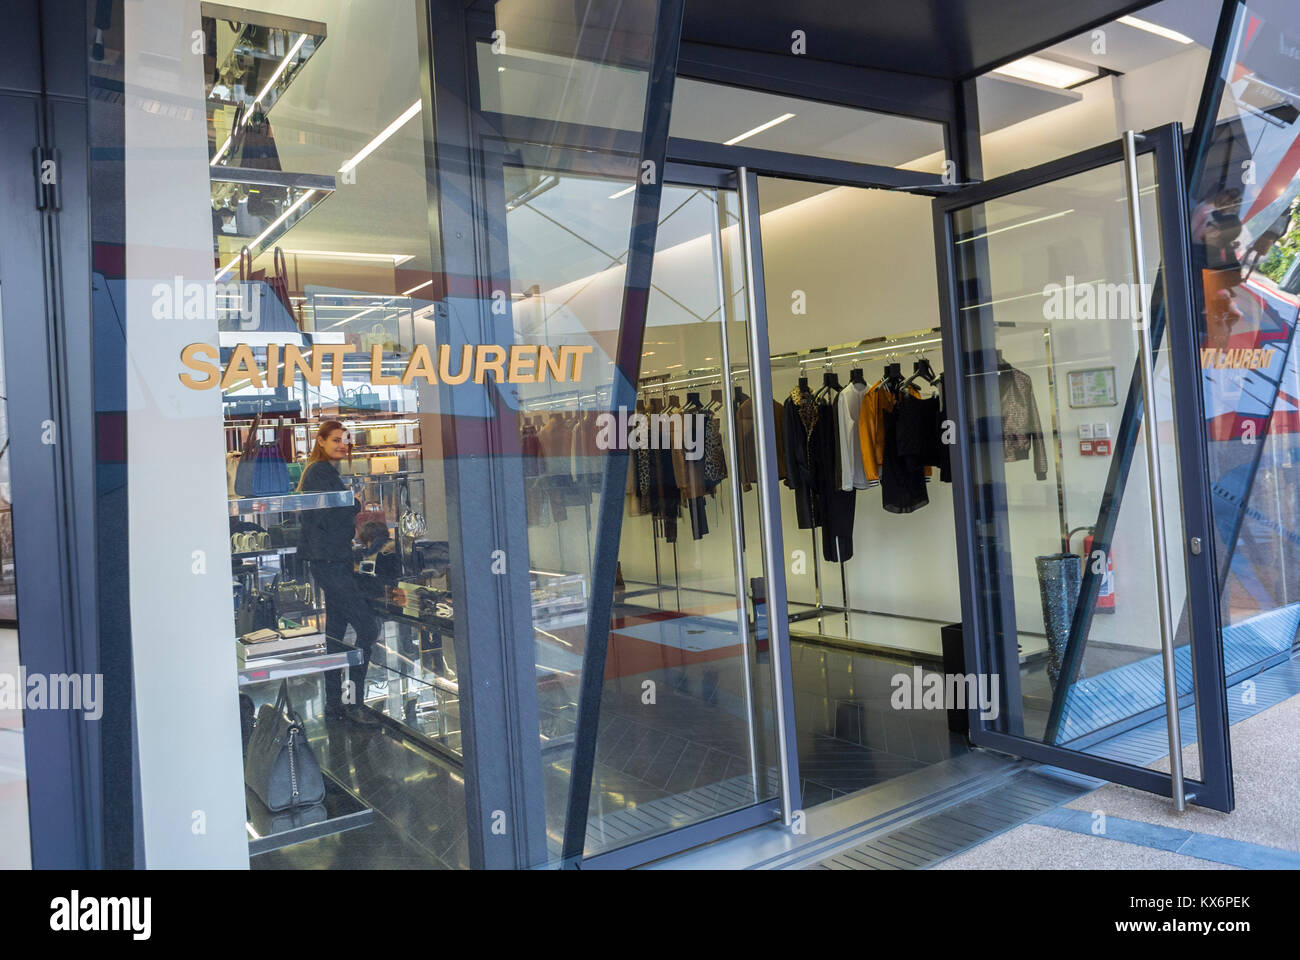 Monaco, Monte Carlo, Les Pavillions, Luxury Shops, Yves Saint Laurent Shop Window, Shopping Center - Stock Image